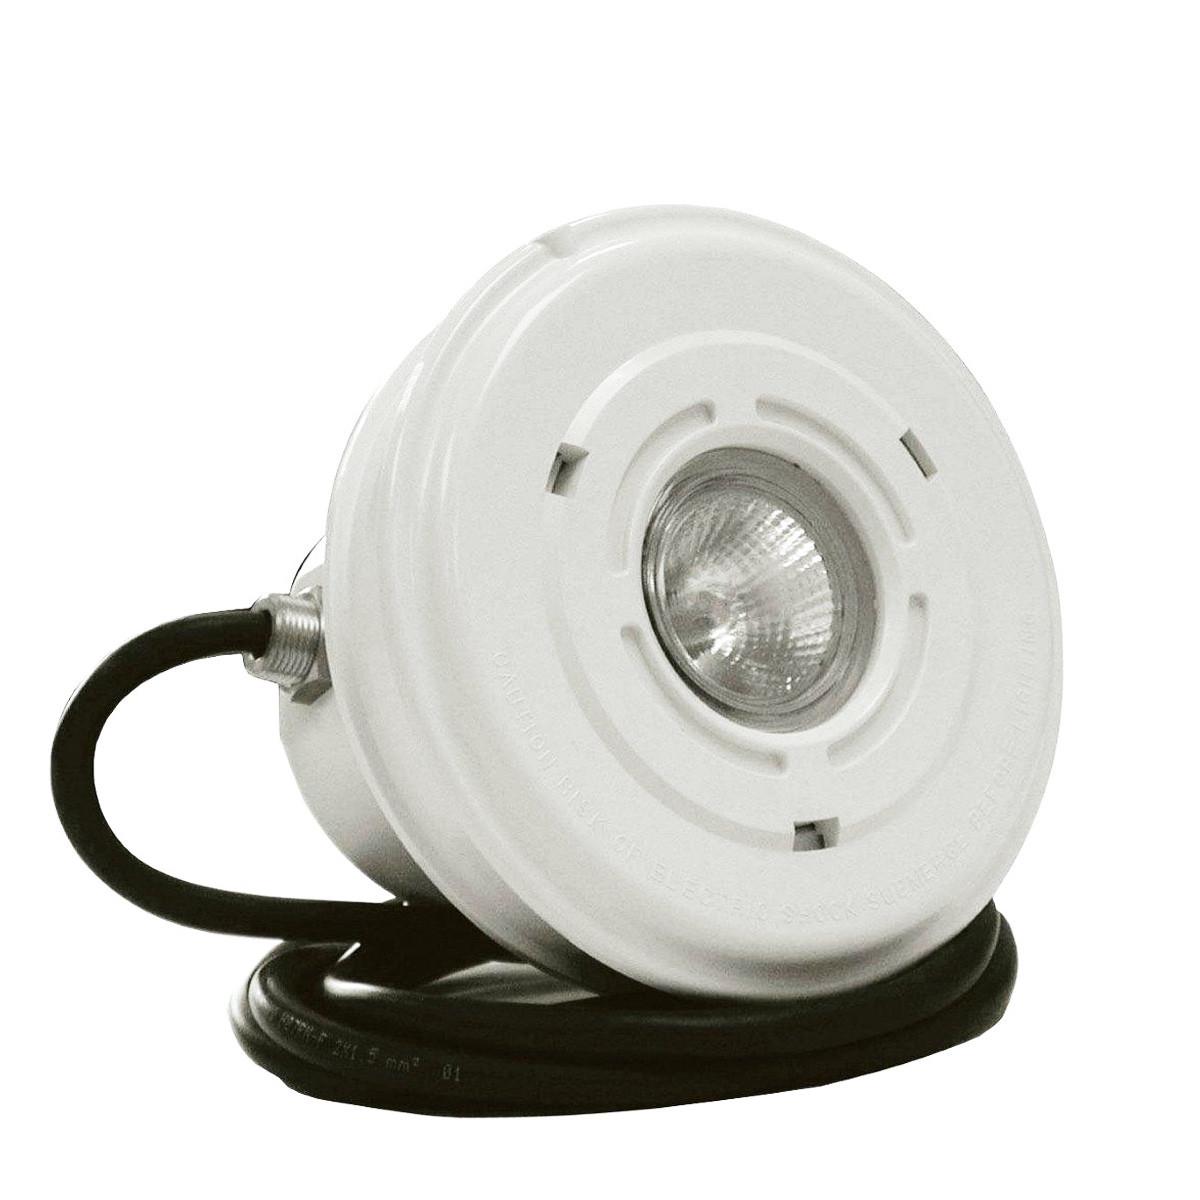 Прожектор галогенный Vagner Pool 823431 VA 50 Вт (под лайнер) с латунными вставками